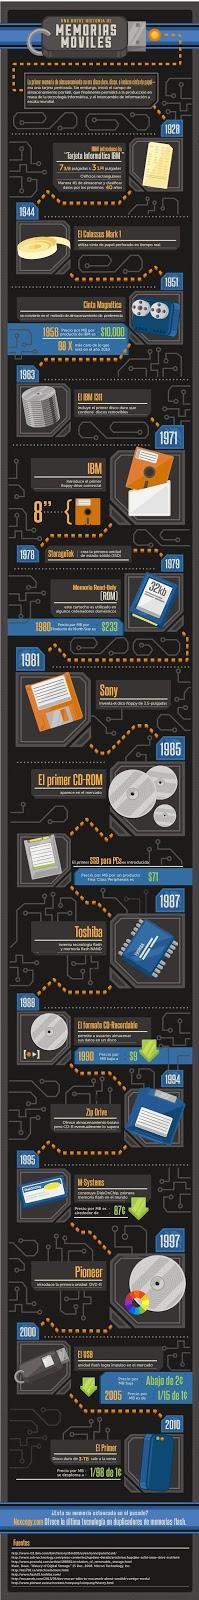 Una breve historia de memorias móviles